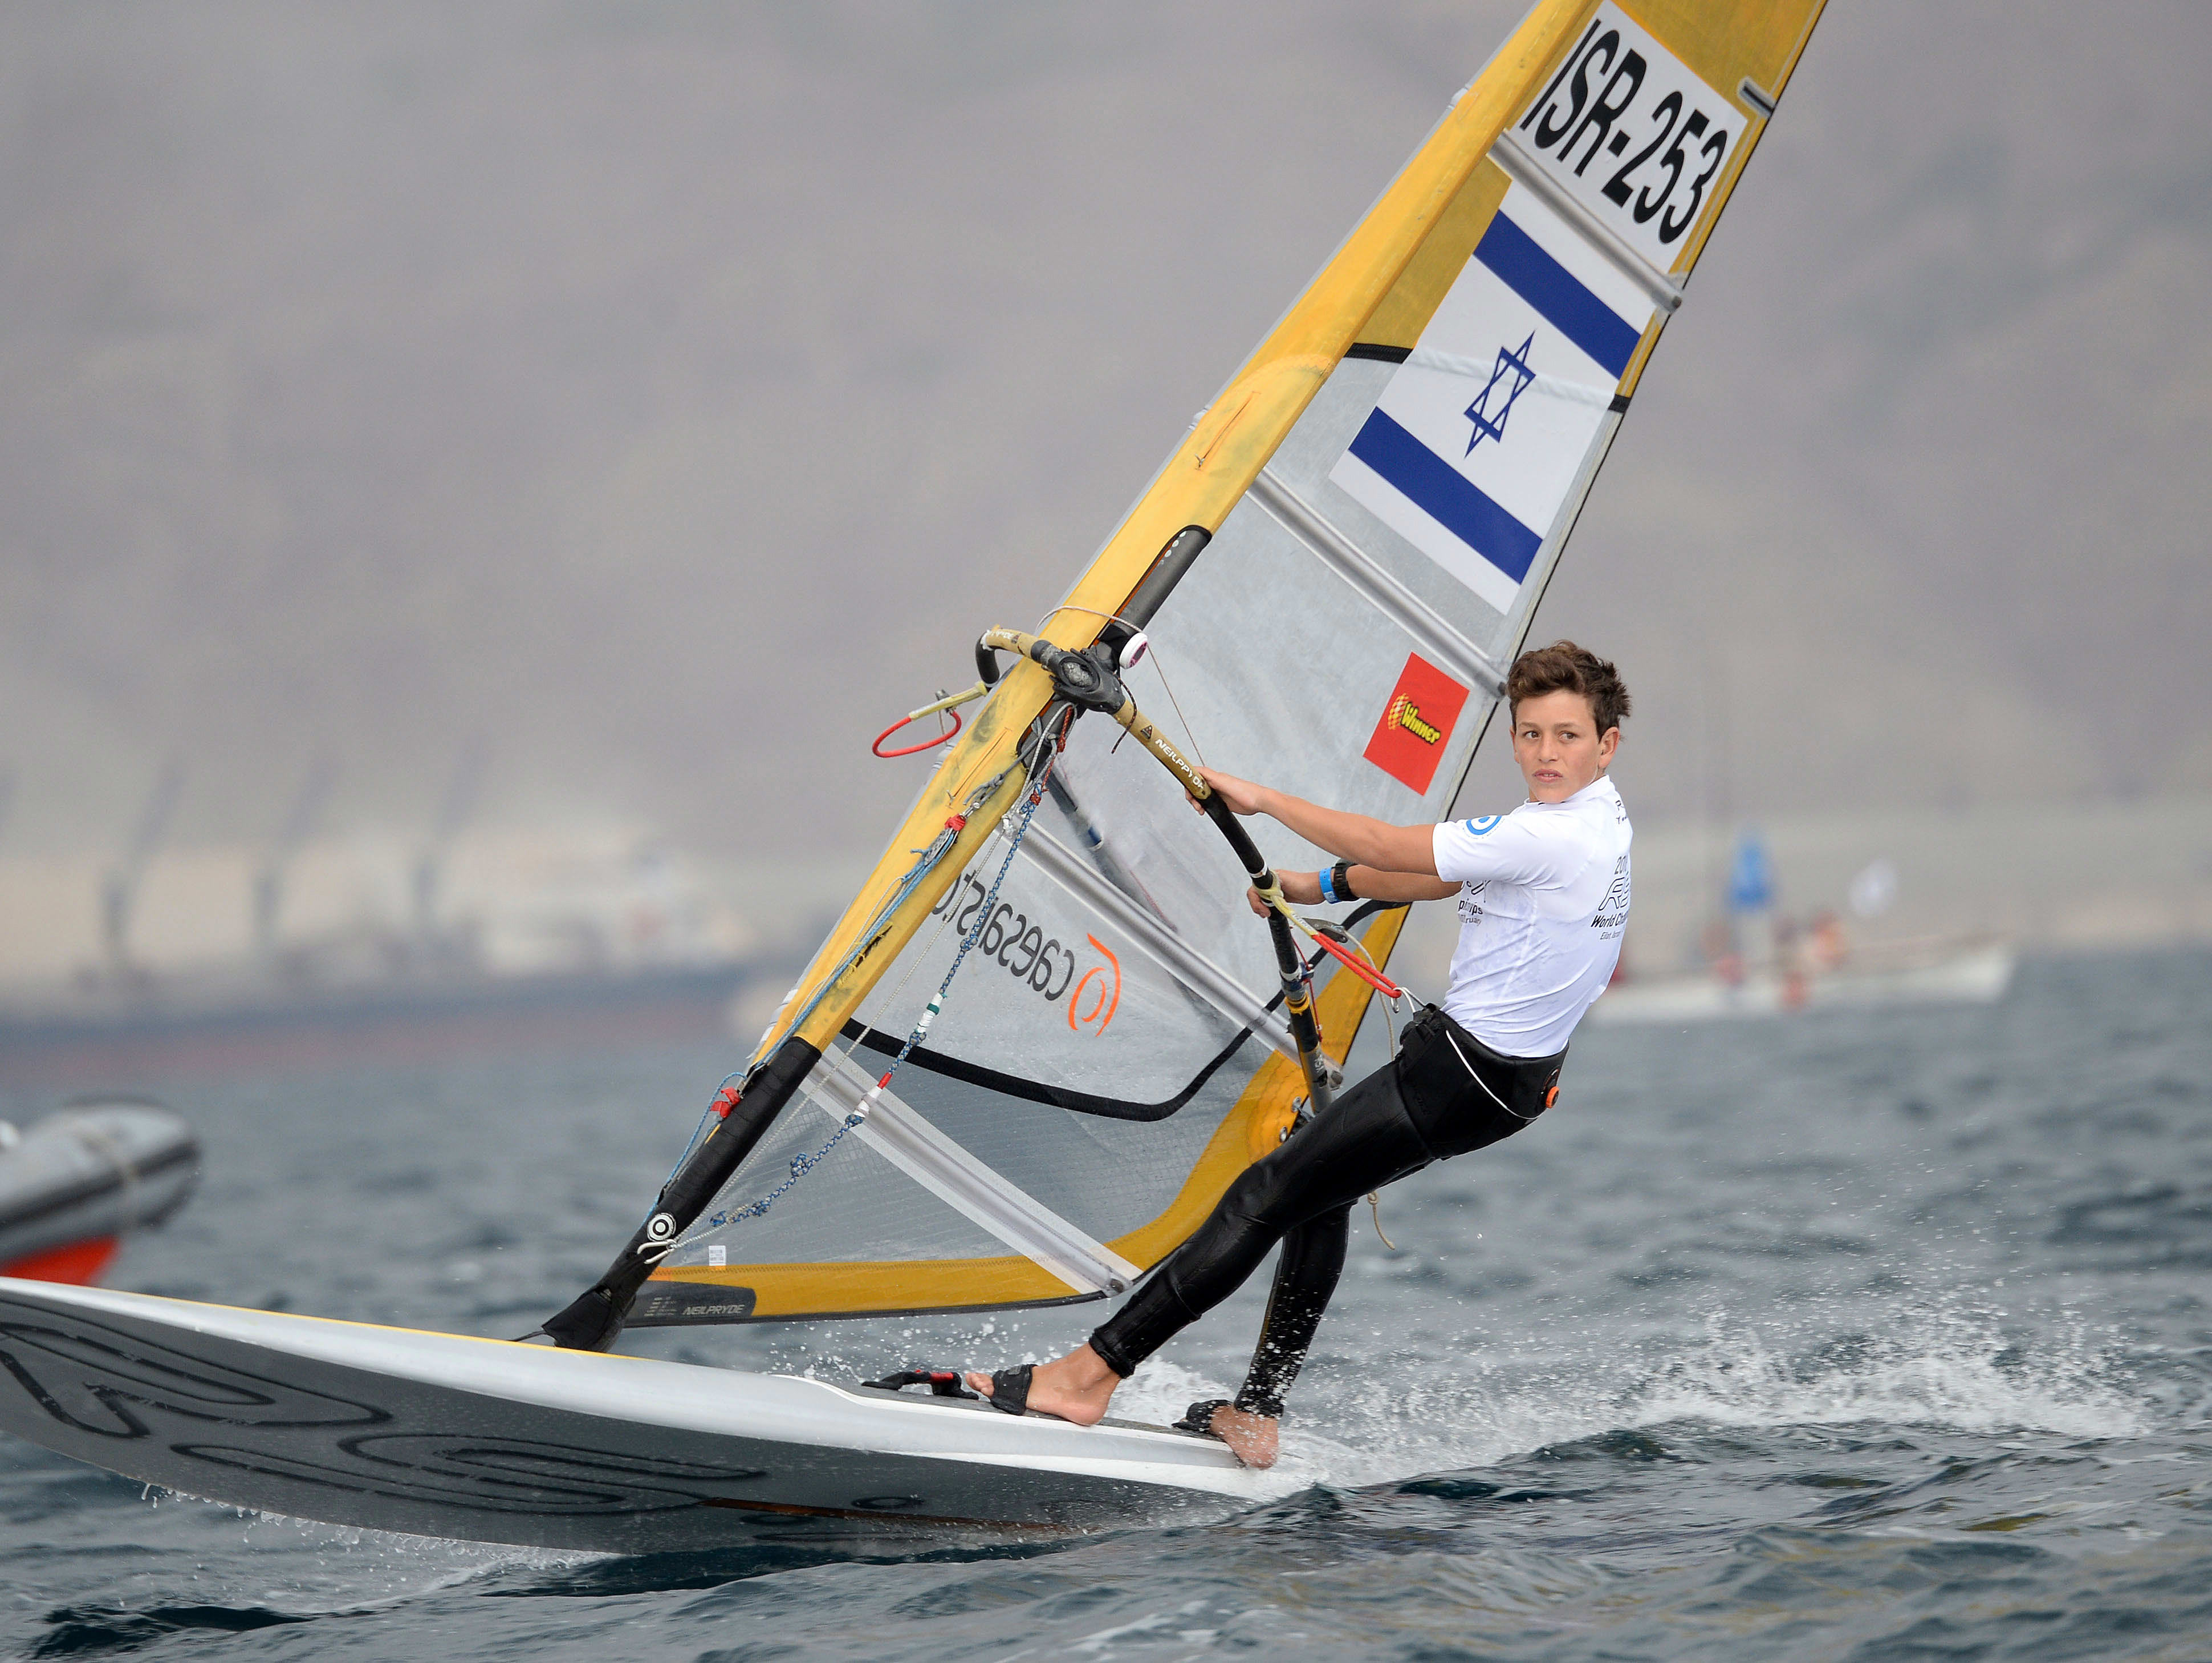 גולש ה-RSX יואב כהן מדורג שני בתחרות הגלשנים באגם מדמבליק